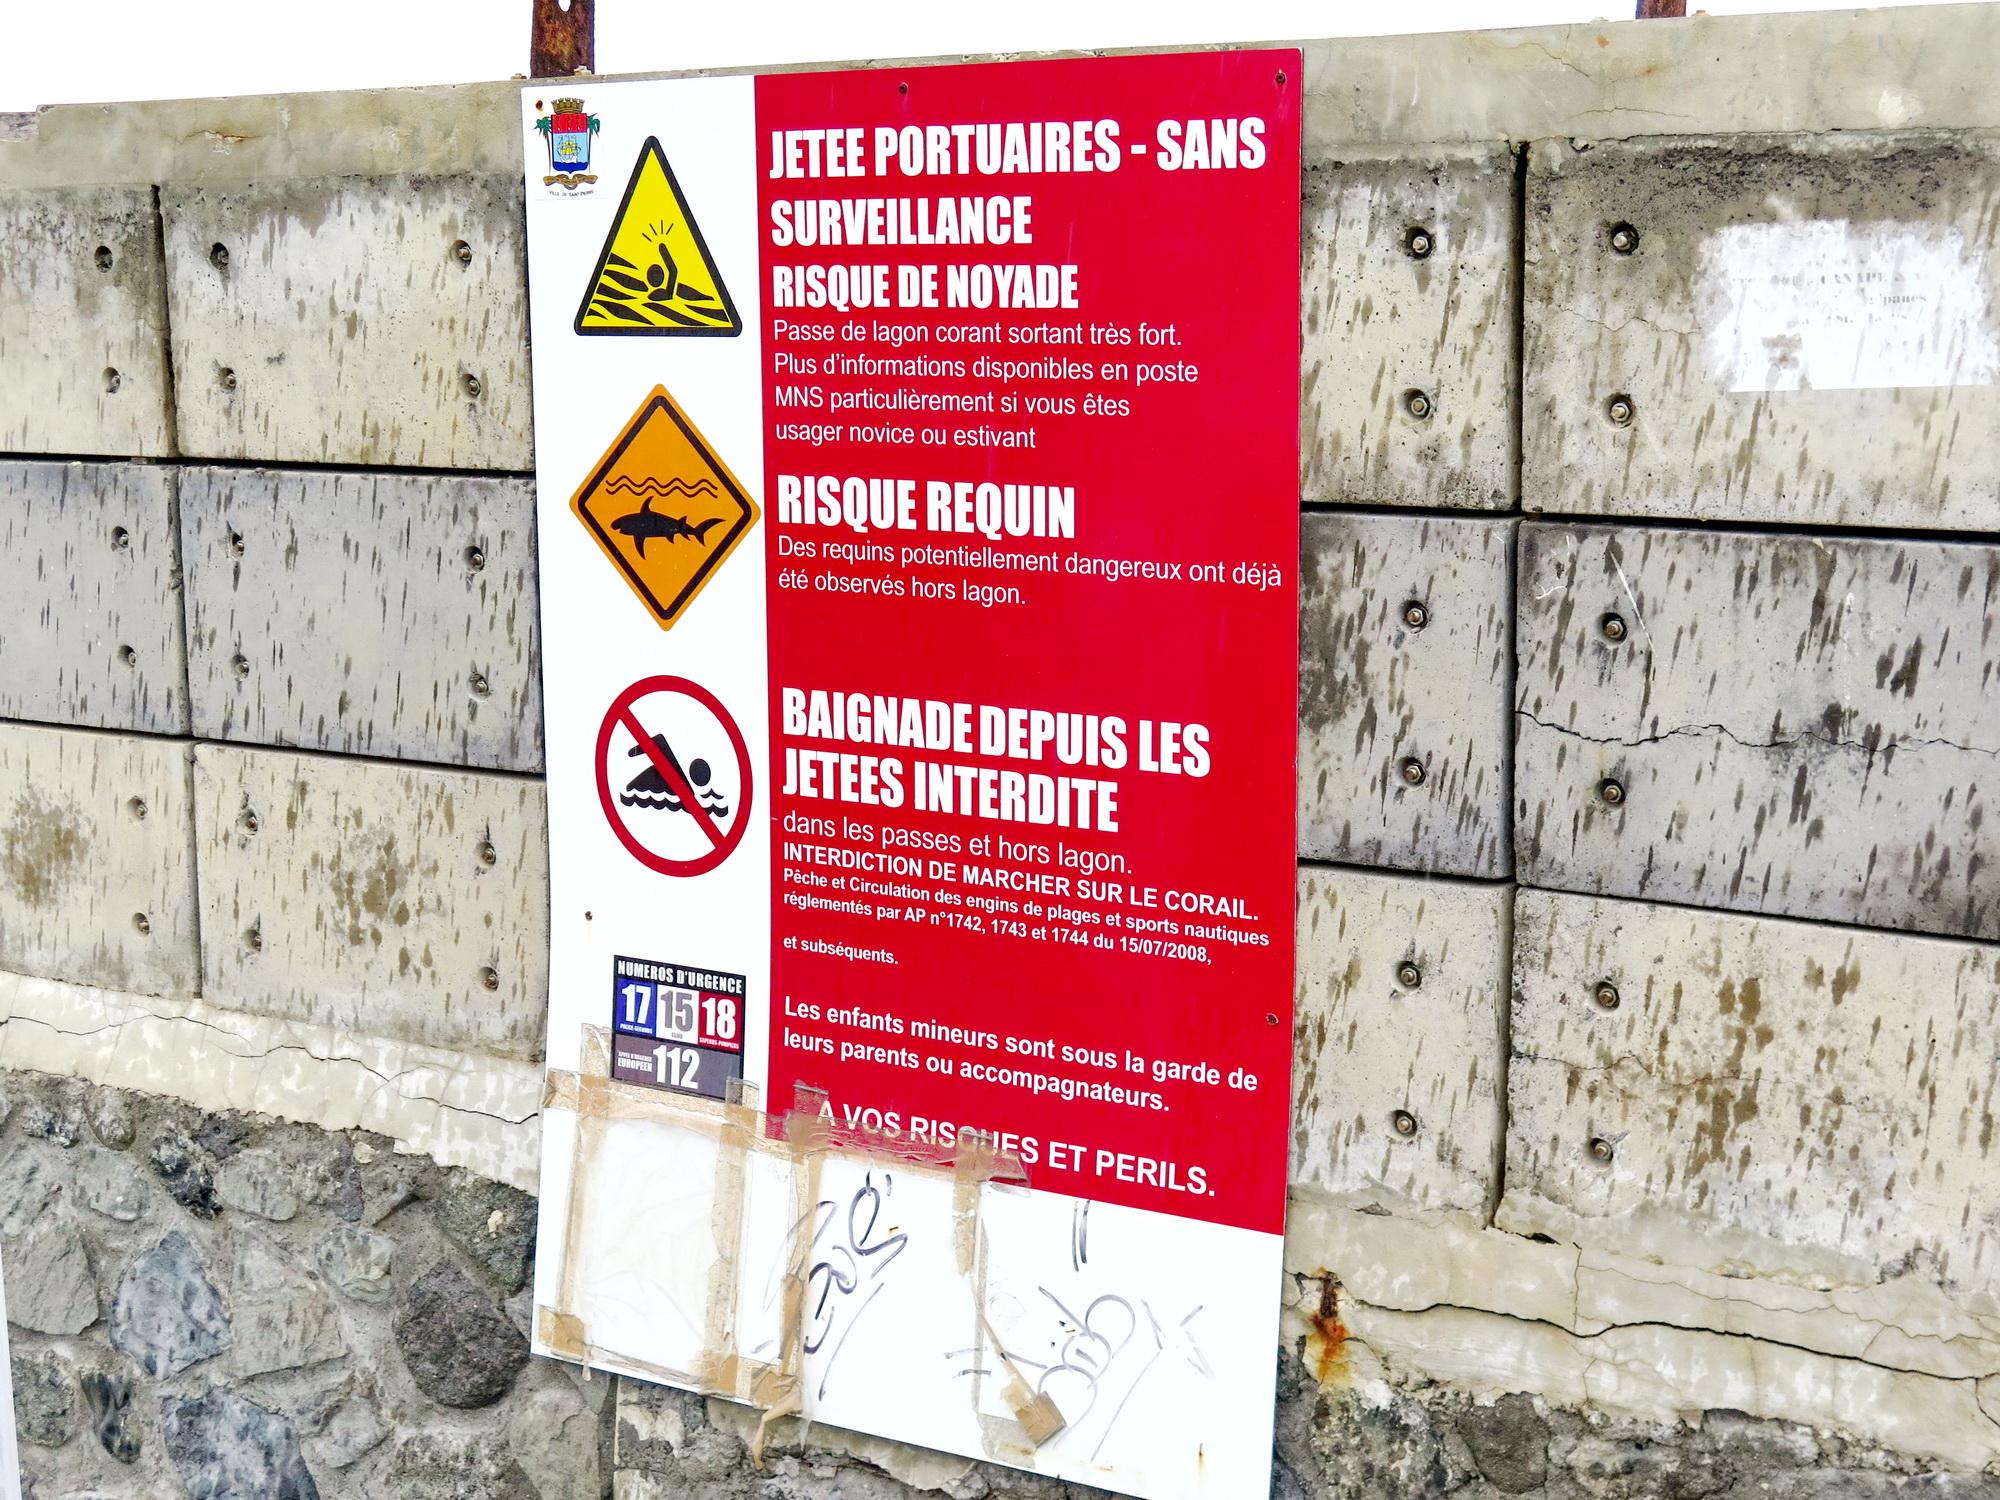 [Vie des ports] Les ports de la Réunion - Page 2 620359saintpierre045